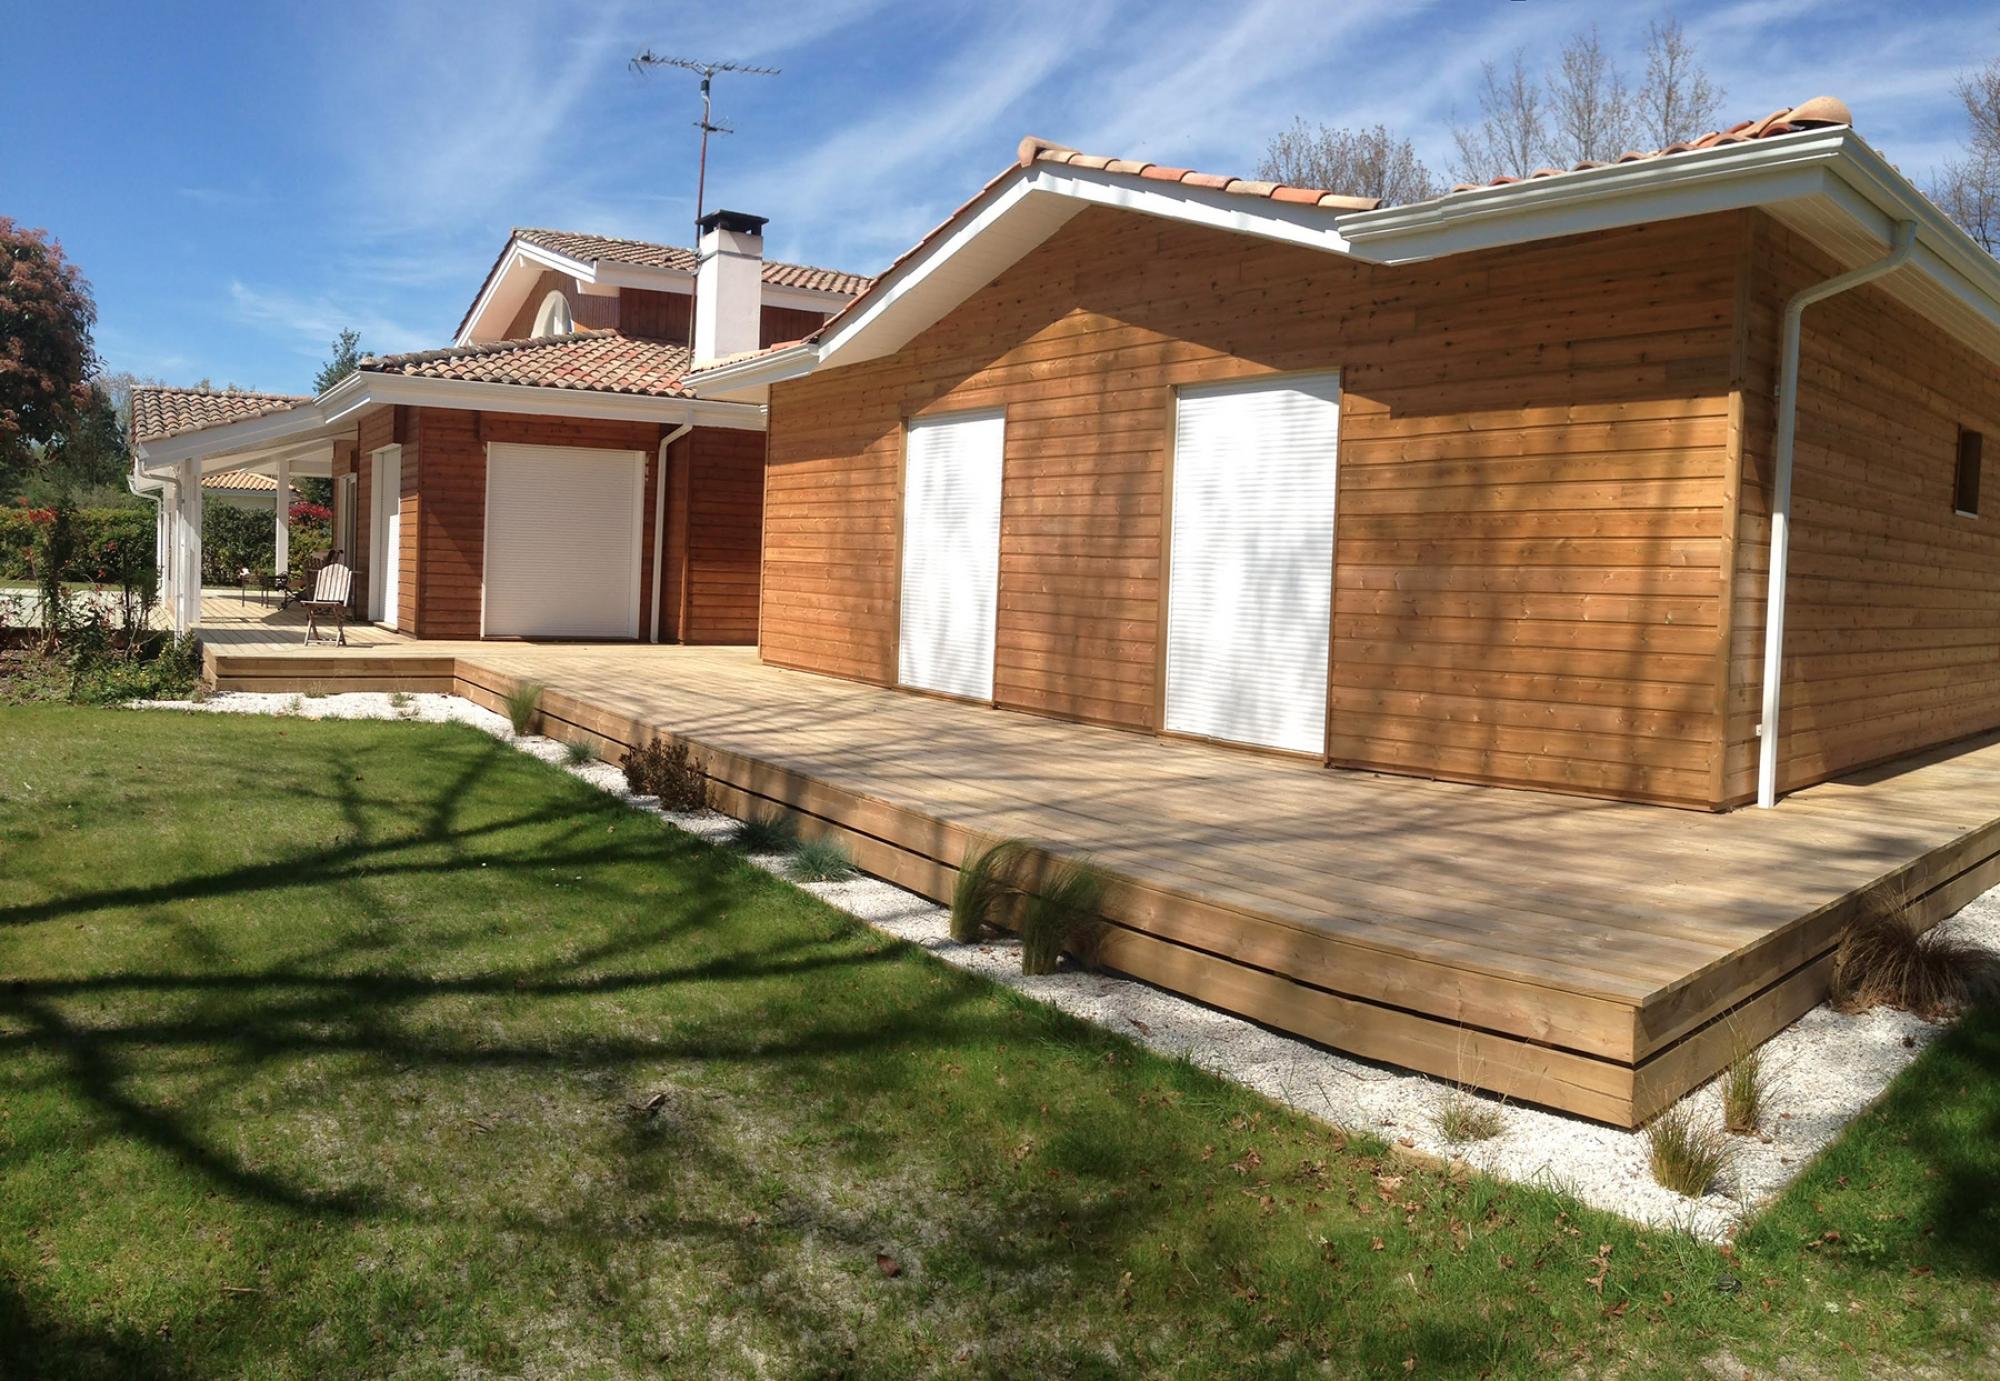 Faire construire une maison d 39 architecte haut de gamme bordeaux agn s malka barokel - Faire construire une maison d architecte ...